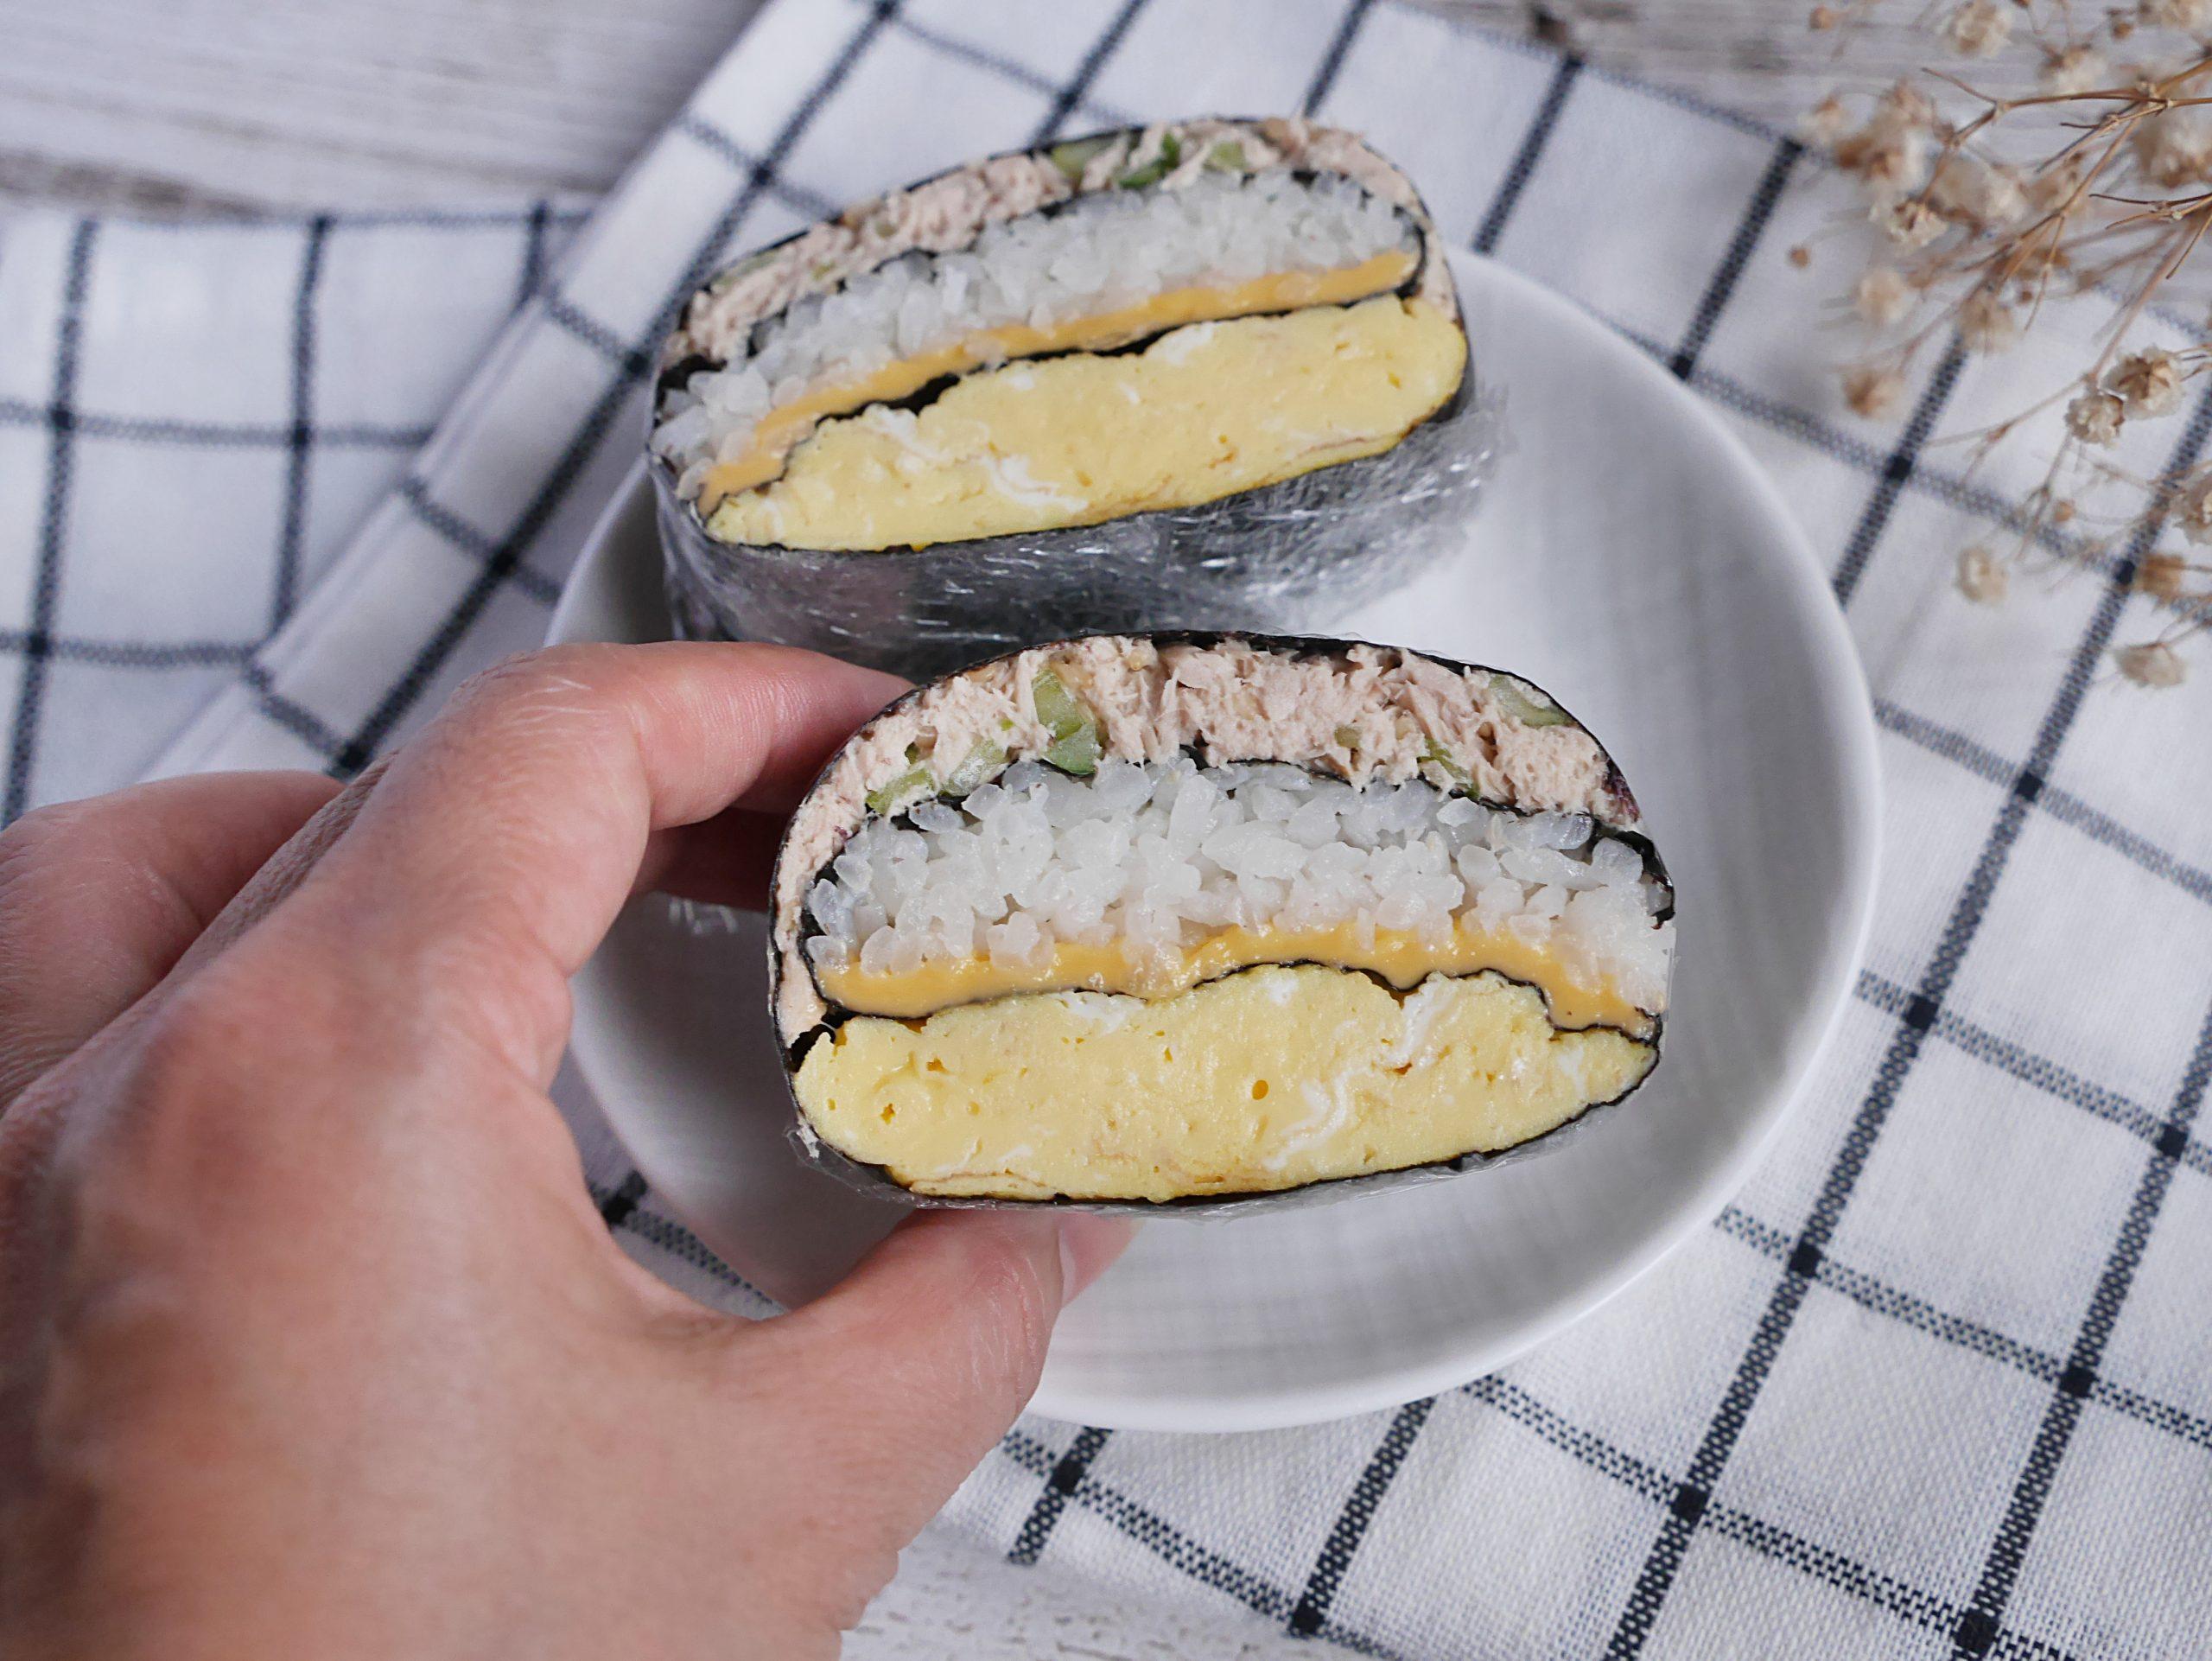 【食譜】摺疊紫菜包飯/不用捲只要三個步驟做韓式紫菜包飯/鮪魚沙拉這樣做更爽口